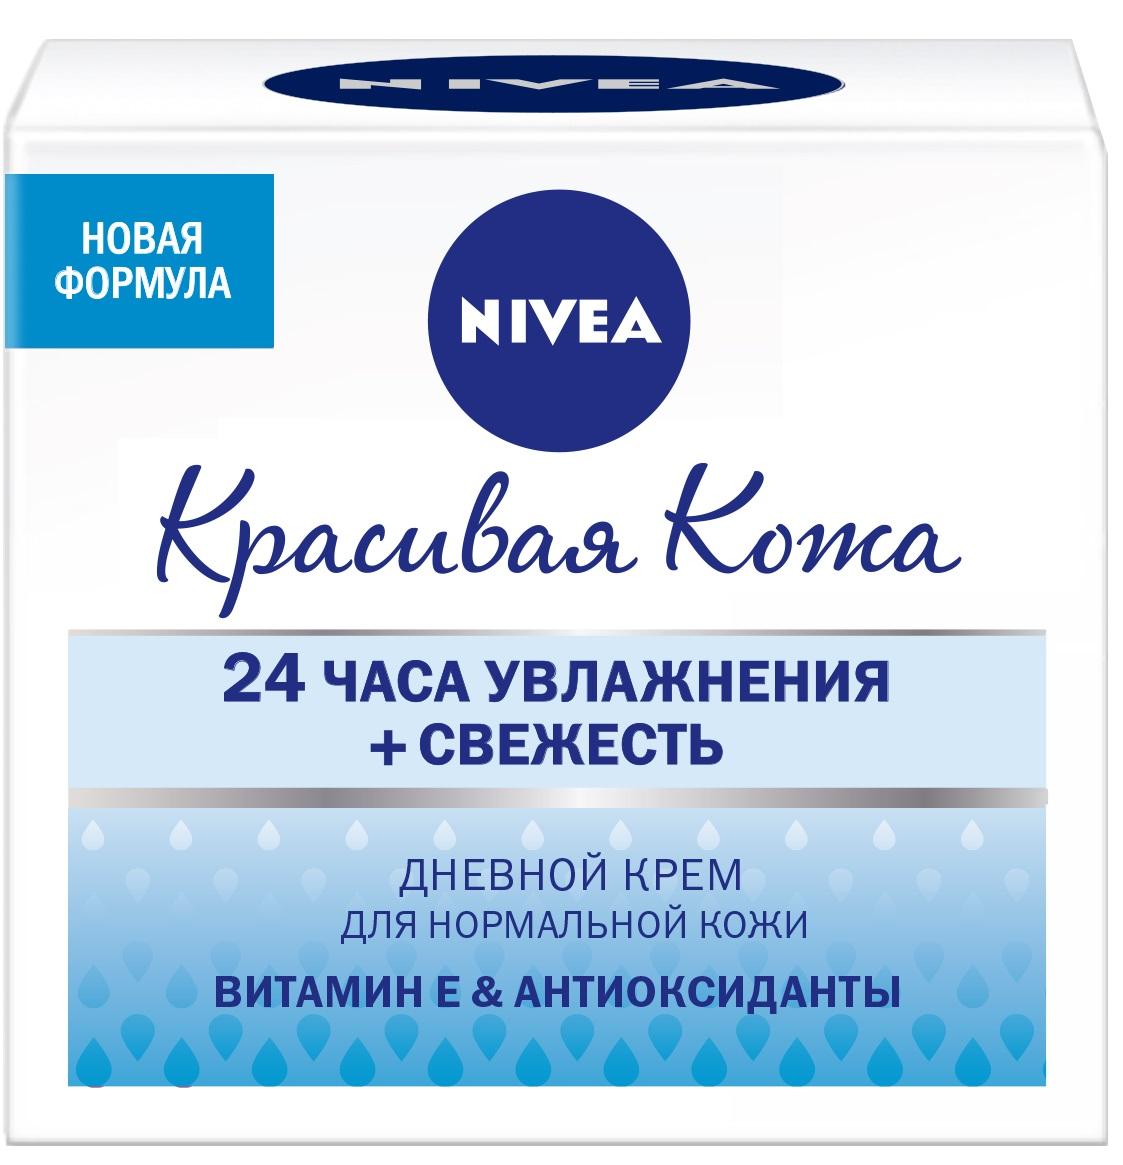 NIVEA Увлажняющий дневной кремдля нормальной кожи 50 млA7347711Увлажняющий дневной крем Nivea Красота и свежесть с экстрактом лотоса и витаминами быстро впитывается и поддерживает природный баланс увлажненности нормальной и комбинированной кожи.Интенсивно увлажняет и надолго освежает кожу. Солнцезащитные фильтры SPF 8 защищают кожу от негативного воздействия окружающей среды и преждевременного старения. Результат: свежая и эластичная кожа. Характеристики:Объем: 50 мл. Производитель: Польша. Артикул: 81202. Товар сертифицирован.